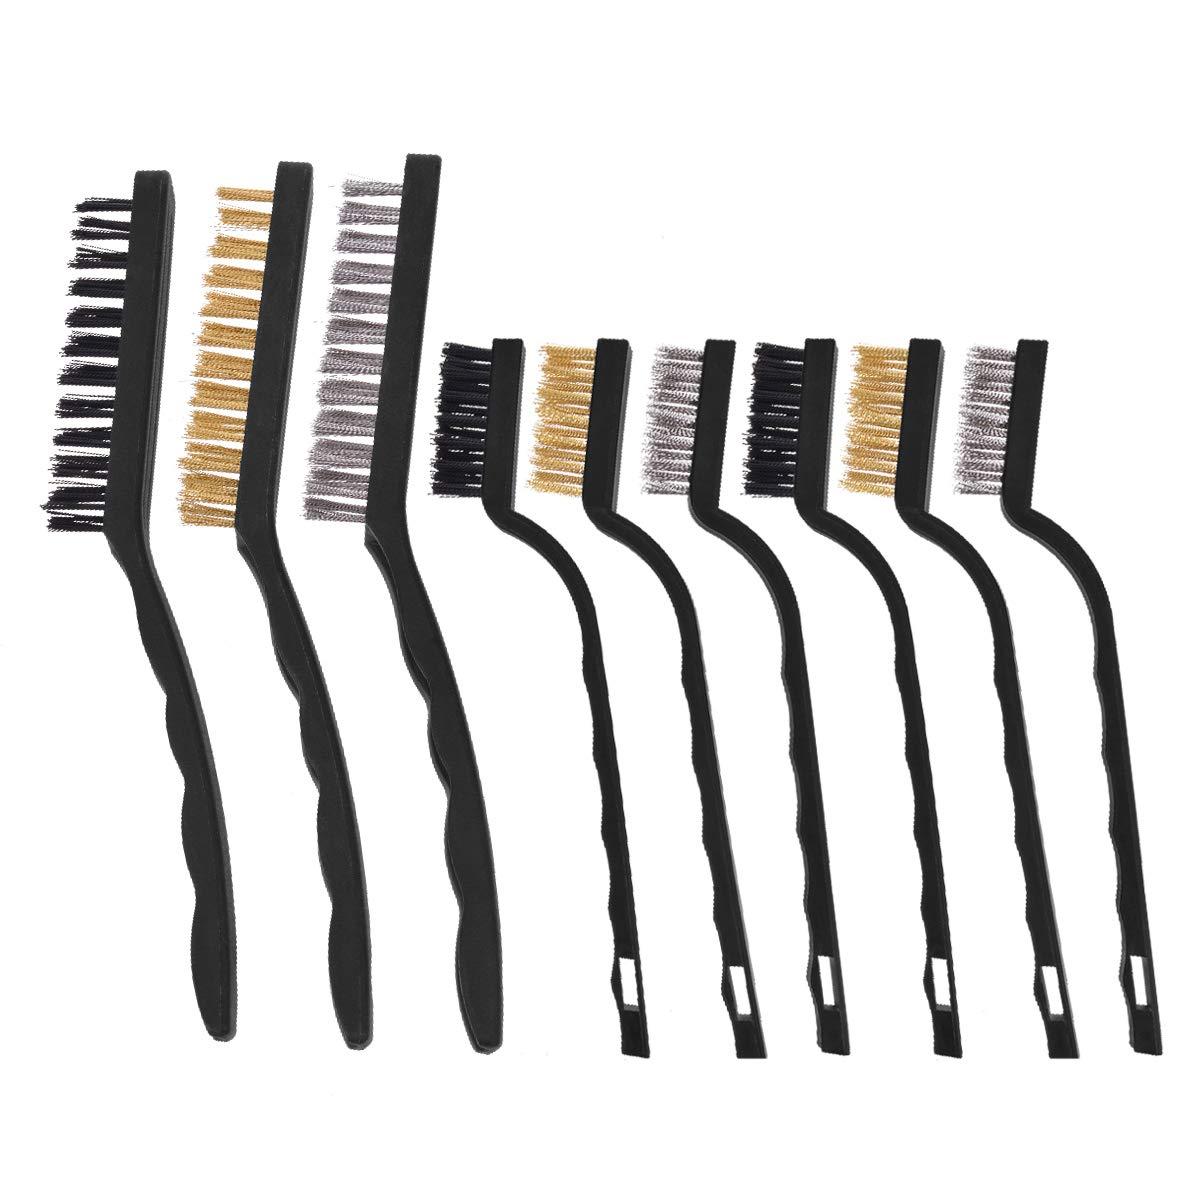 YoungRich 9 Piezas Conjunto de Cepillo de Alambre de Material de Nylon de Acero Inoxidable y Lató n Tamañ os Surtidos para la Limpieza Soldadura Polvo de Ó xido de Escoria